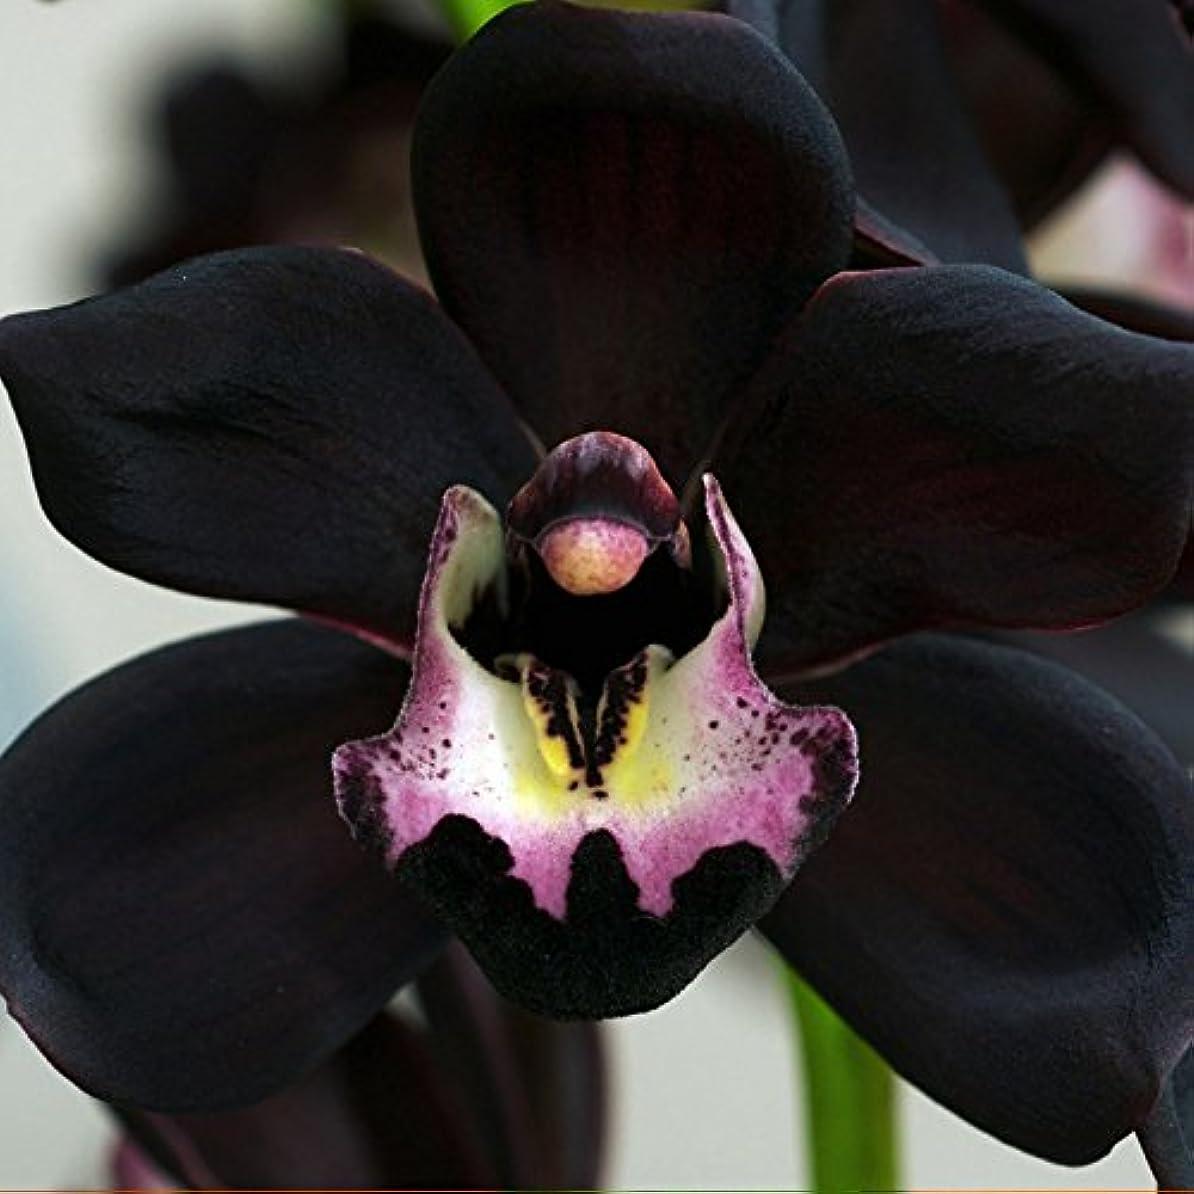 トンネル煩わしいジャーナルアロマフレグランスオイル ブラックオーキッド(Black Orchid)